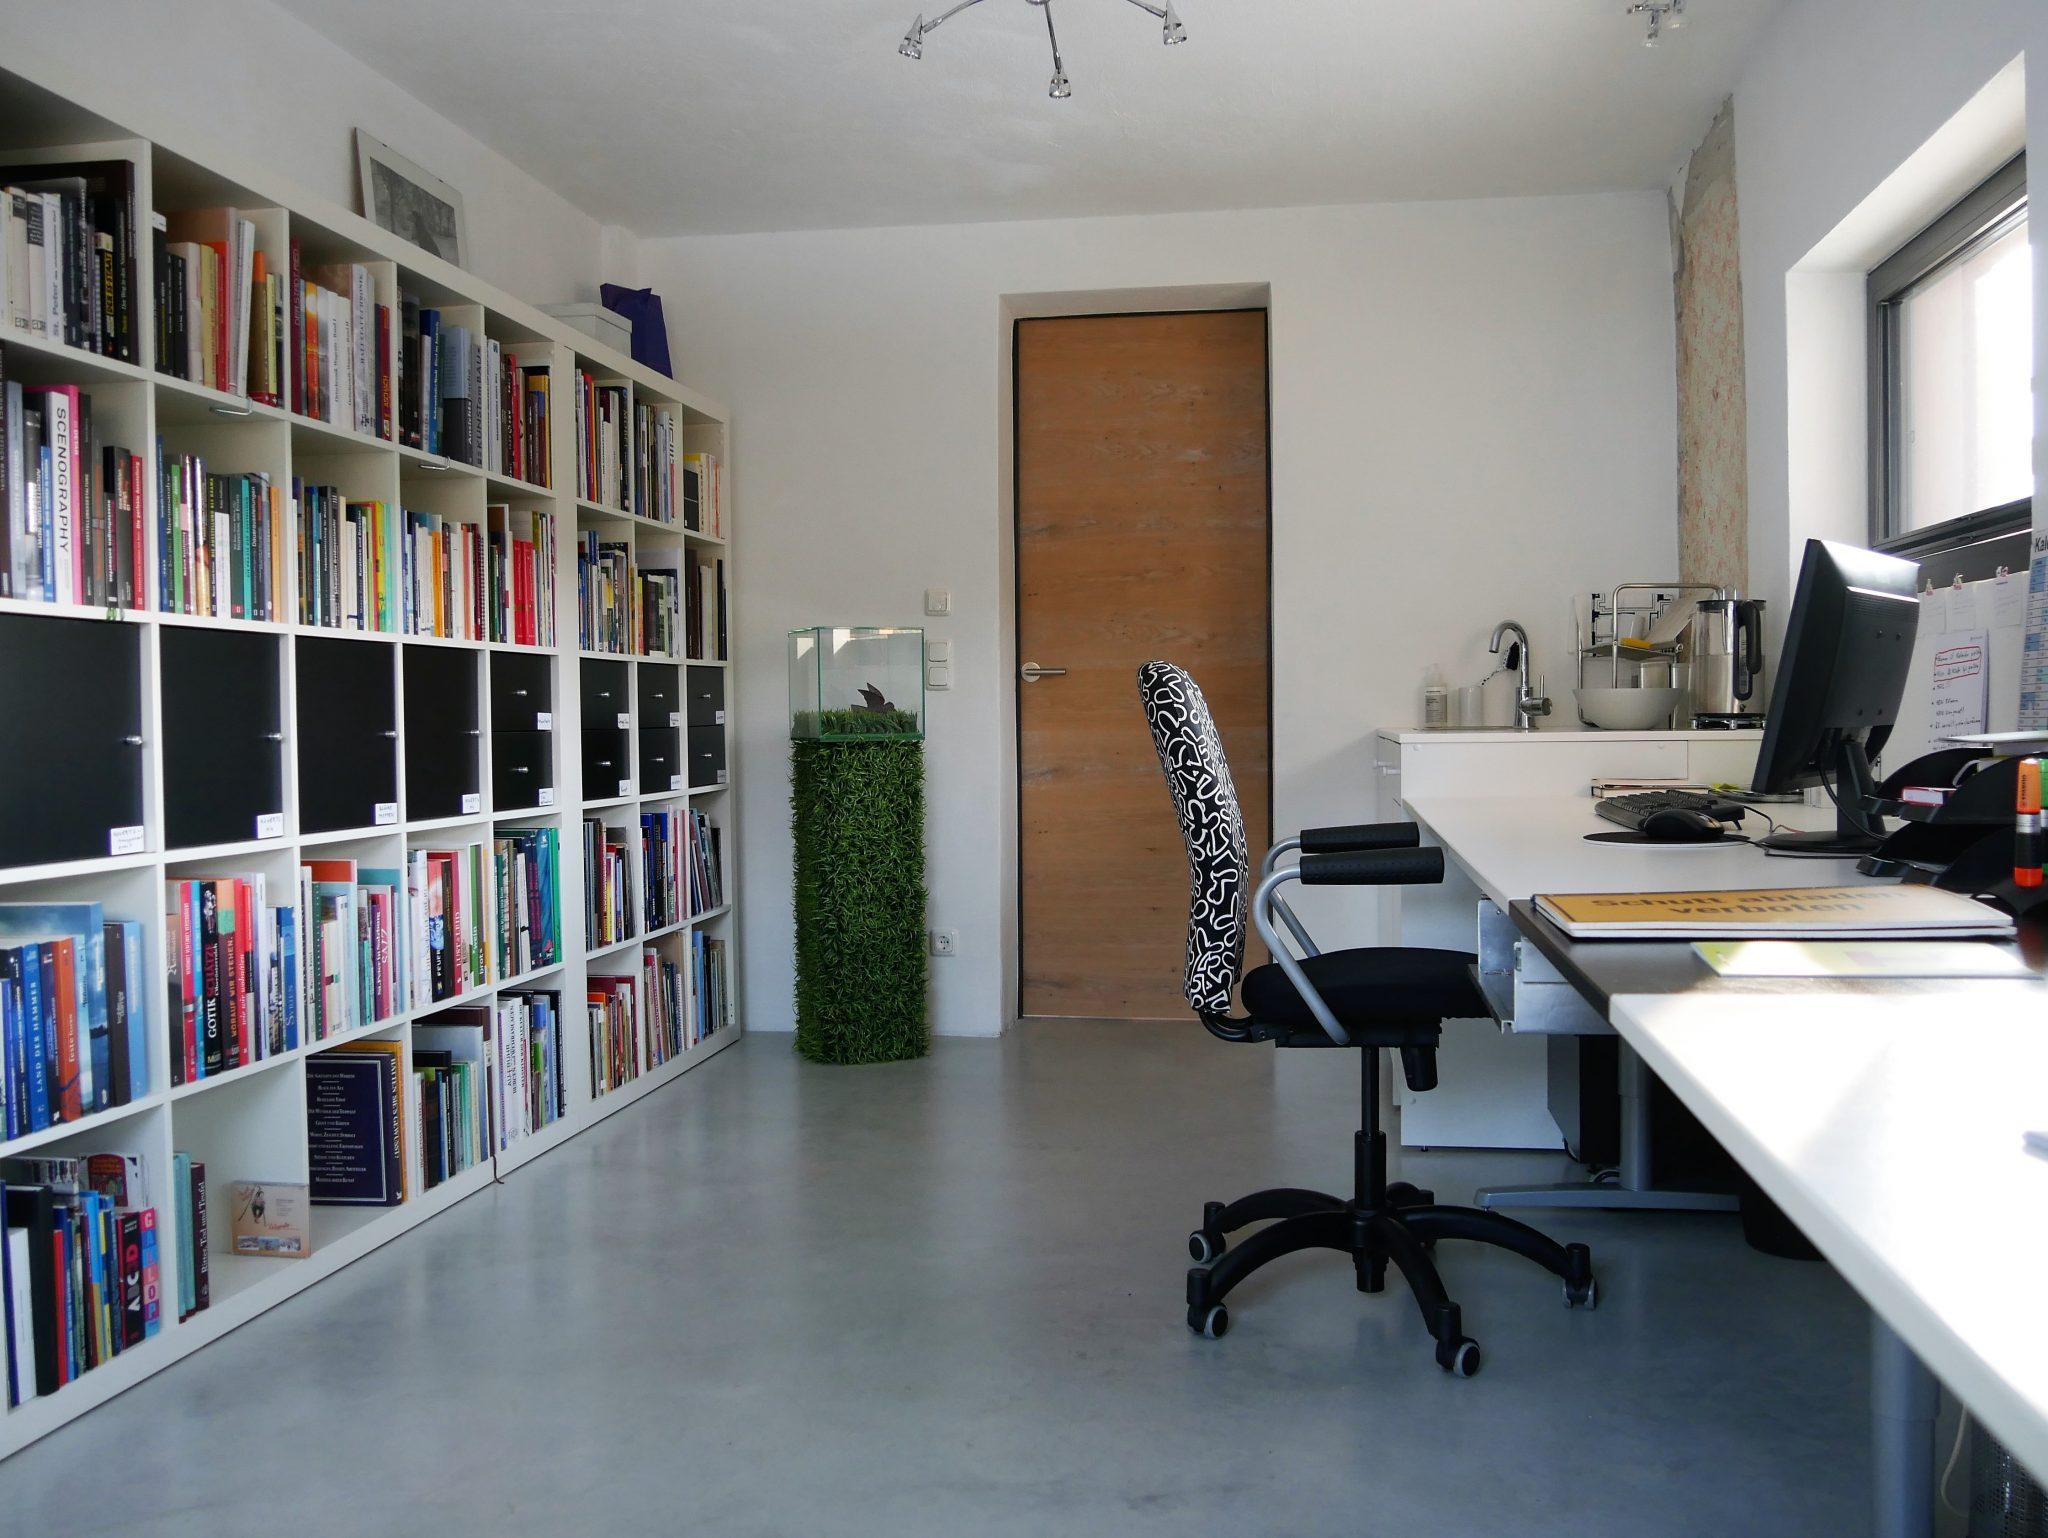 Büro mit Schreibtischzeile rechts und Bücherregal links